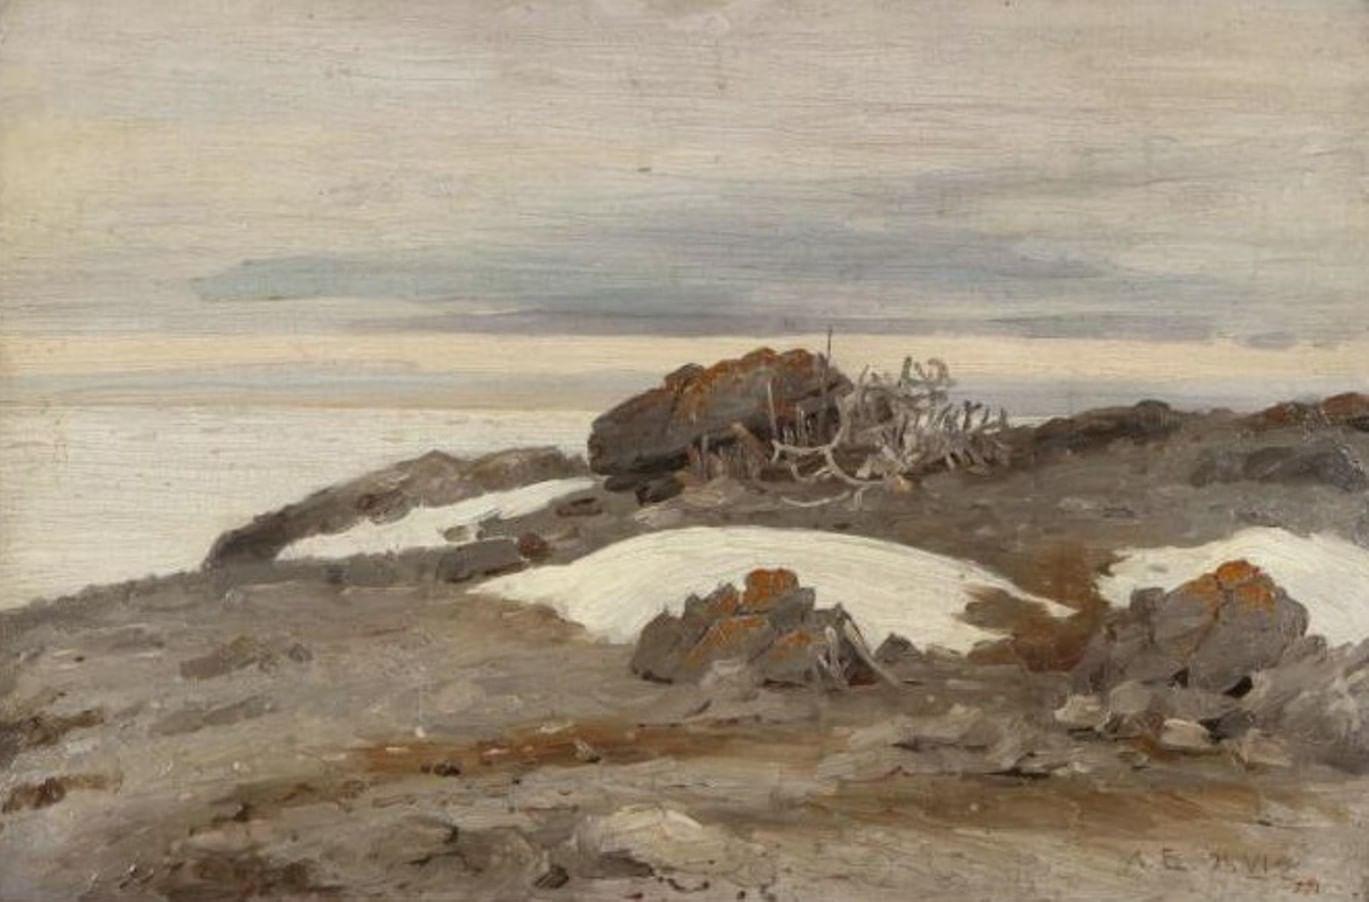 Краски, кисти, Арктика. Художественная экспедиция Александра Борисова. Галерея 3